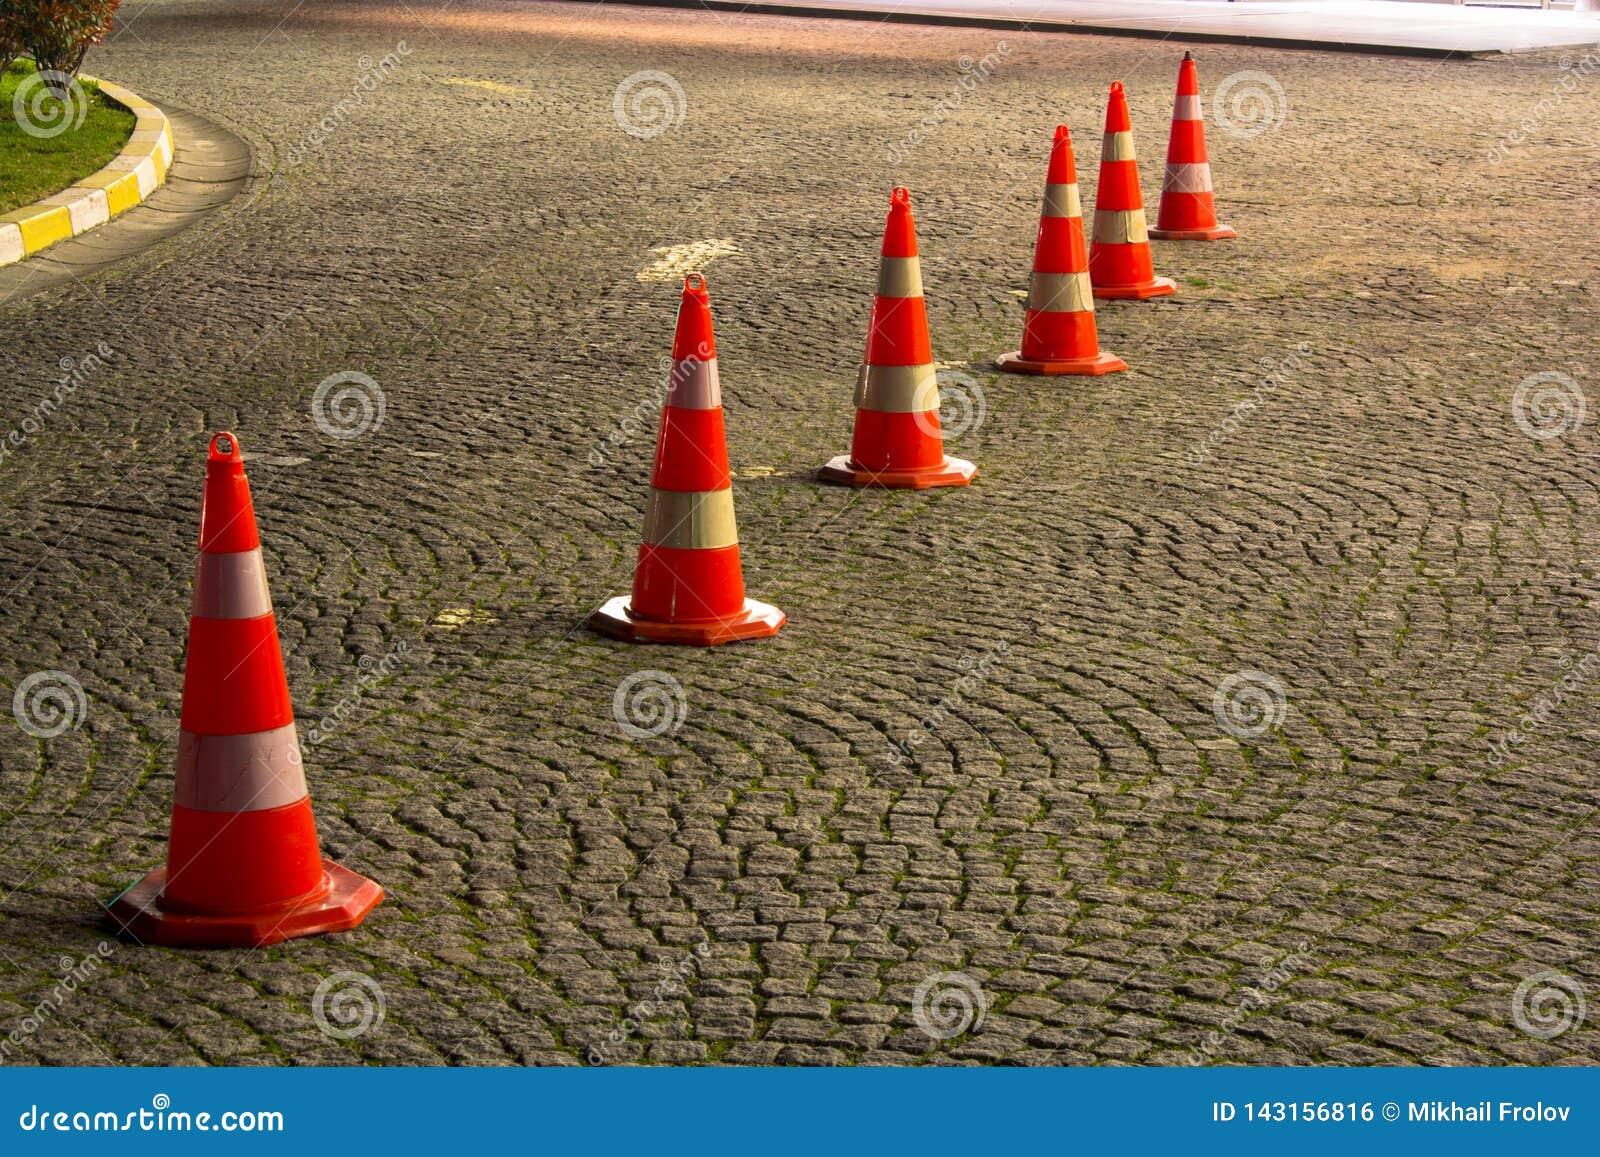 Cones da estrada no pavimento antes de entrar em algum lugar